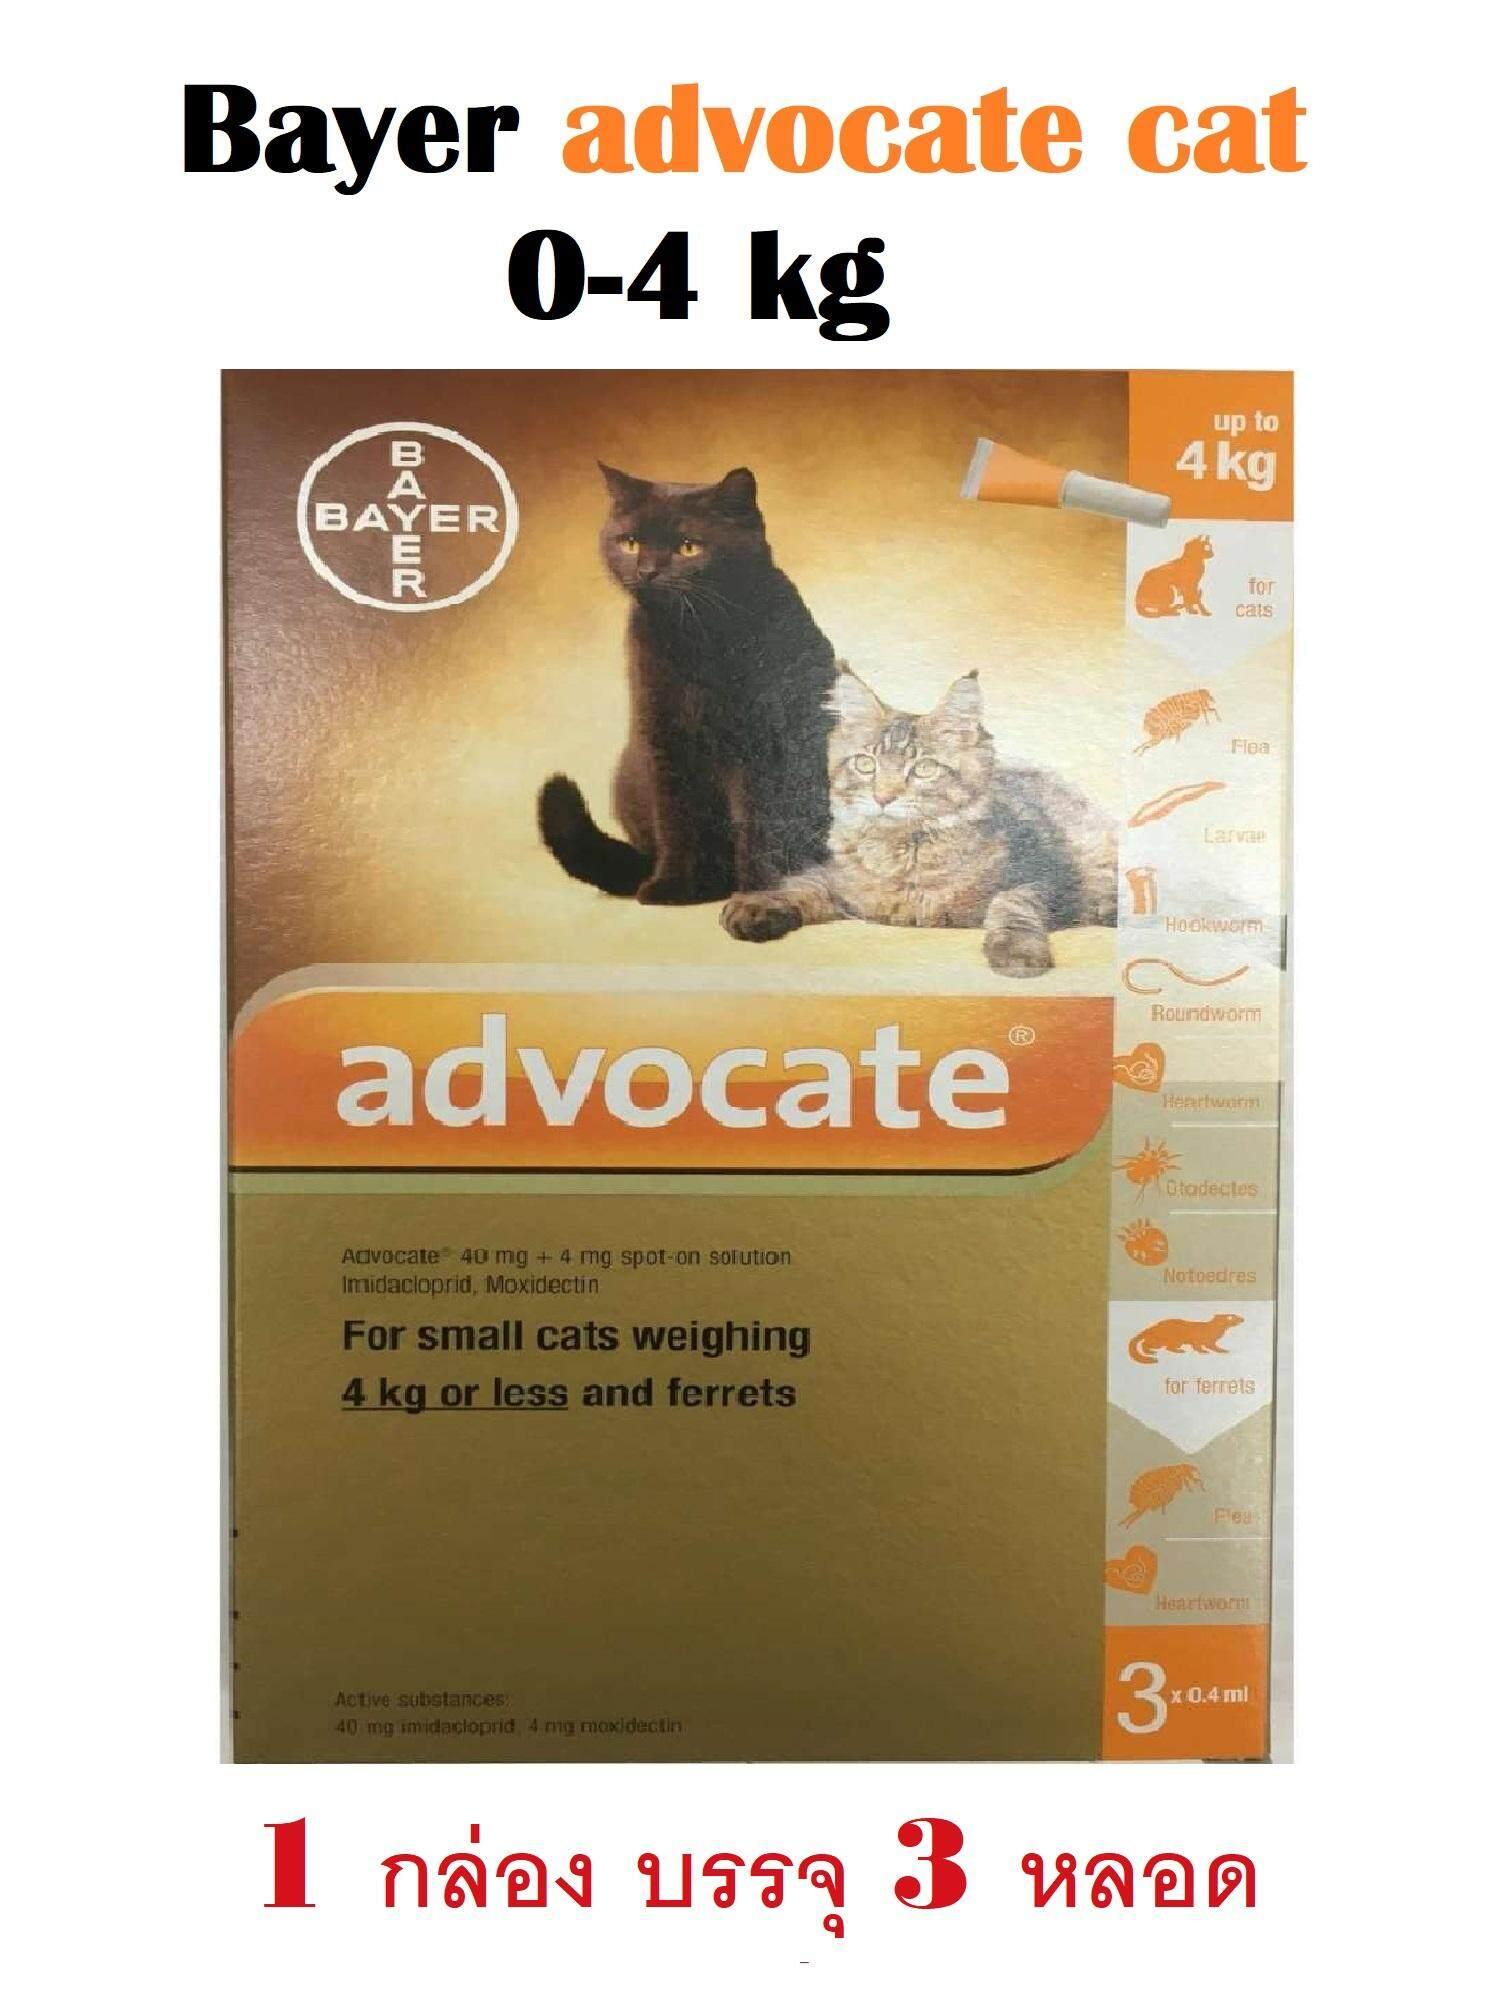 Bayer Advocate Cat 0-4 Kg ( 3 Tube ) แอทโวเคท สำหรับแมว น้ำหนัก 0-4 กก. ยาป้องกันเห็บ หมัด ไรในหู พยาธิหัวใจ 0-4กก. ( 3 หลอด ) By Speedpets.